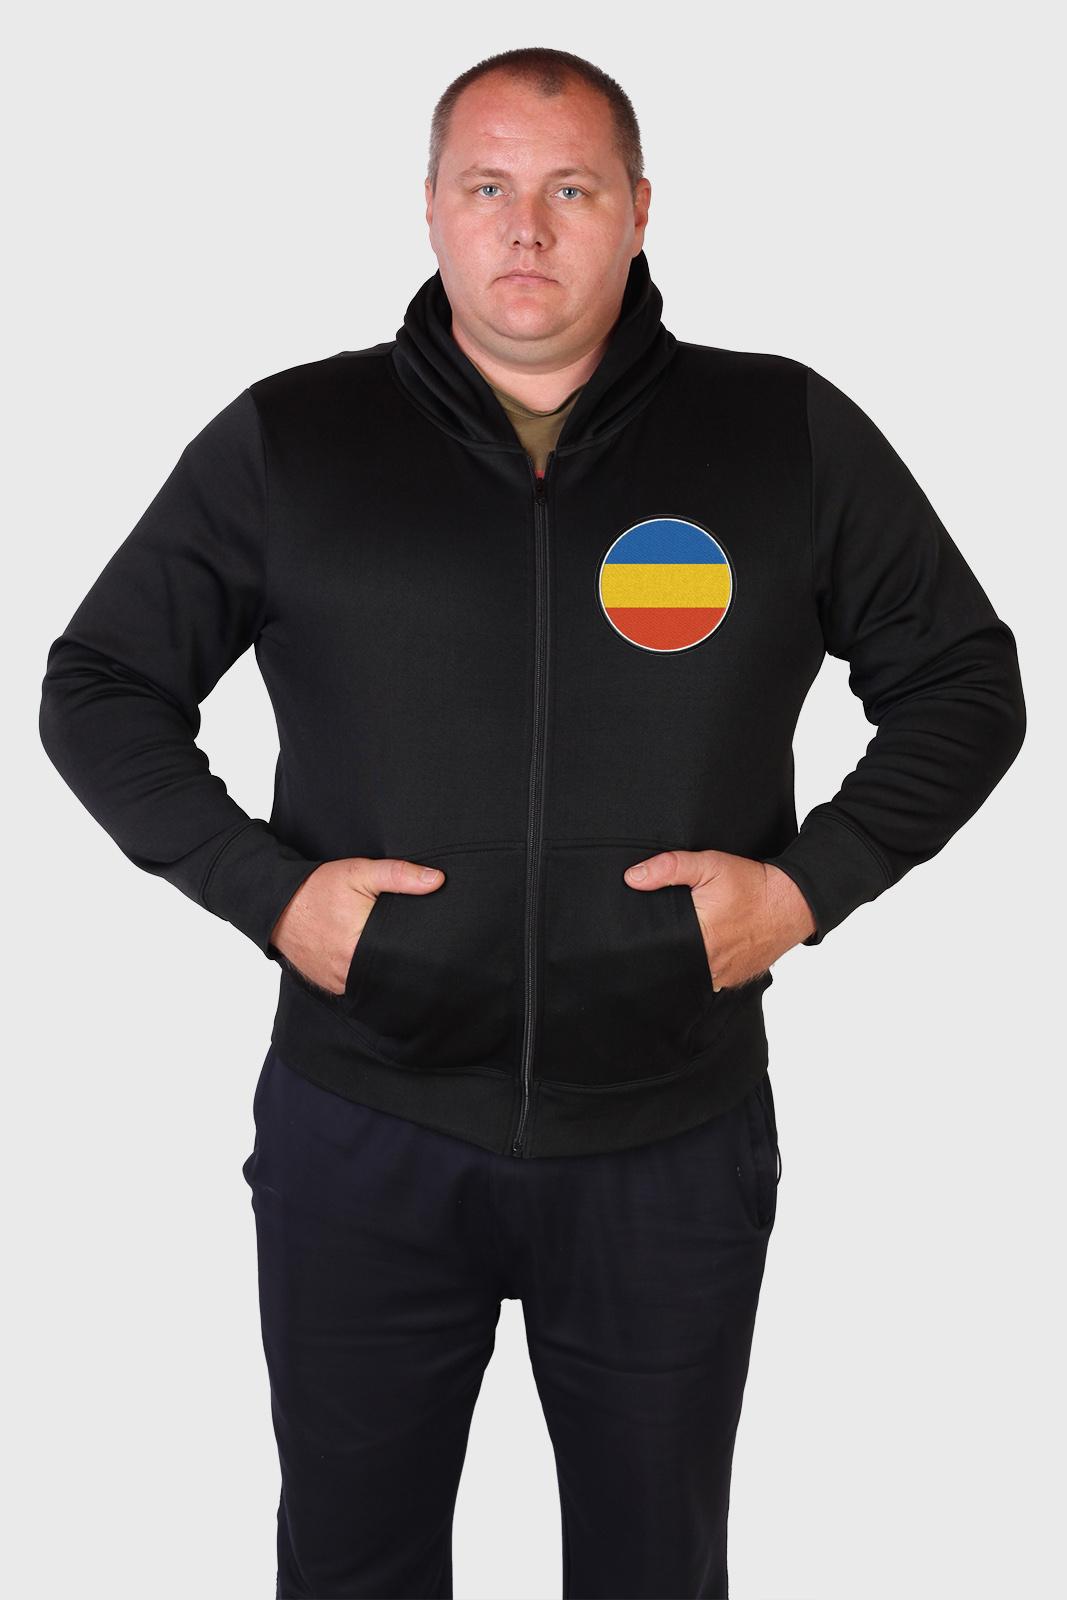 Мужская толстовка с флагом-шевроном Донских казаков